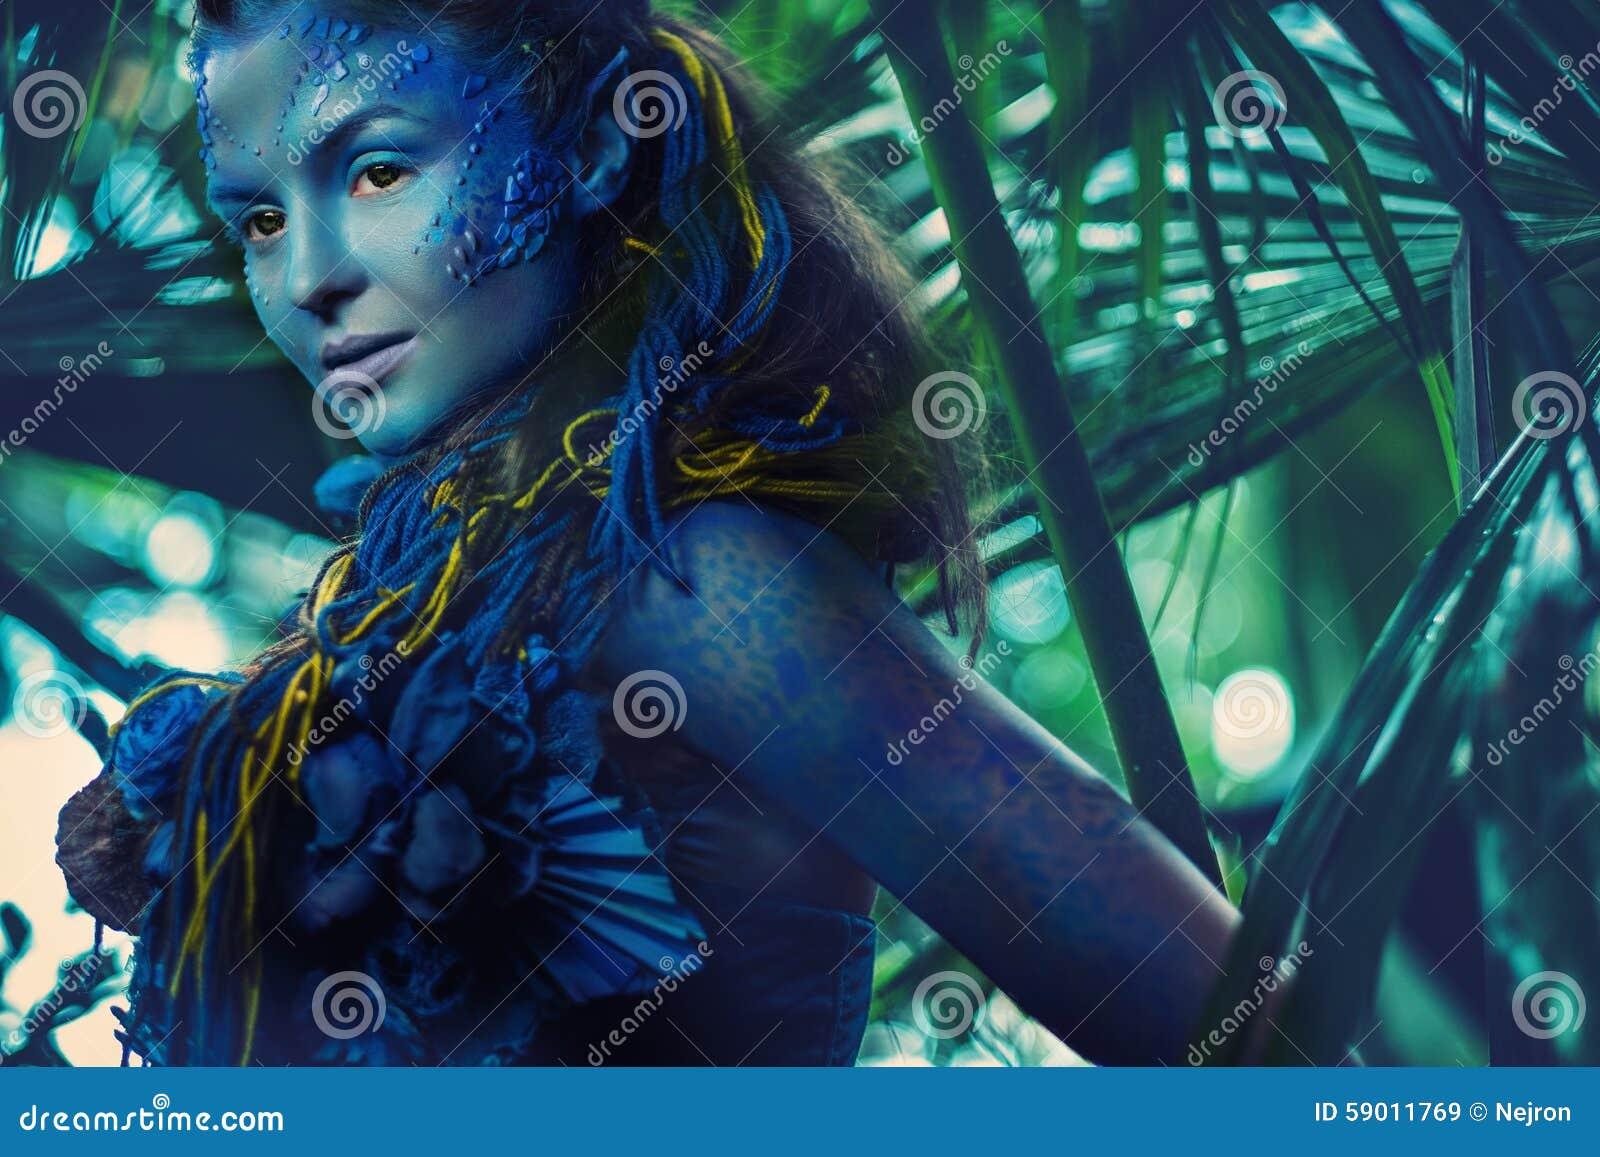 Avatar vrouw in een bos